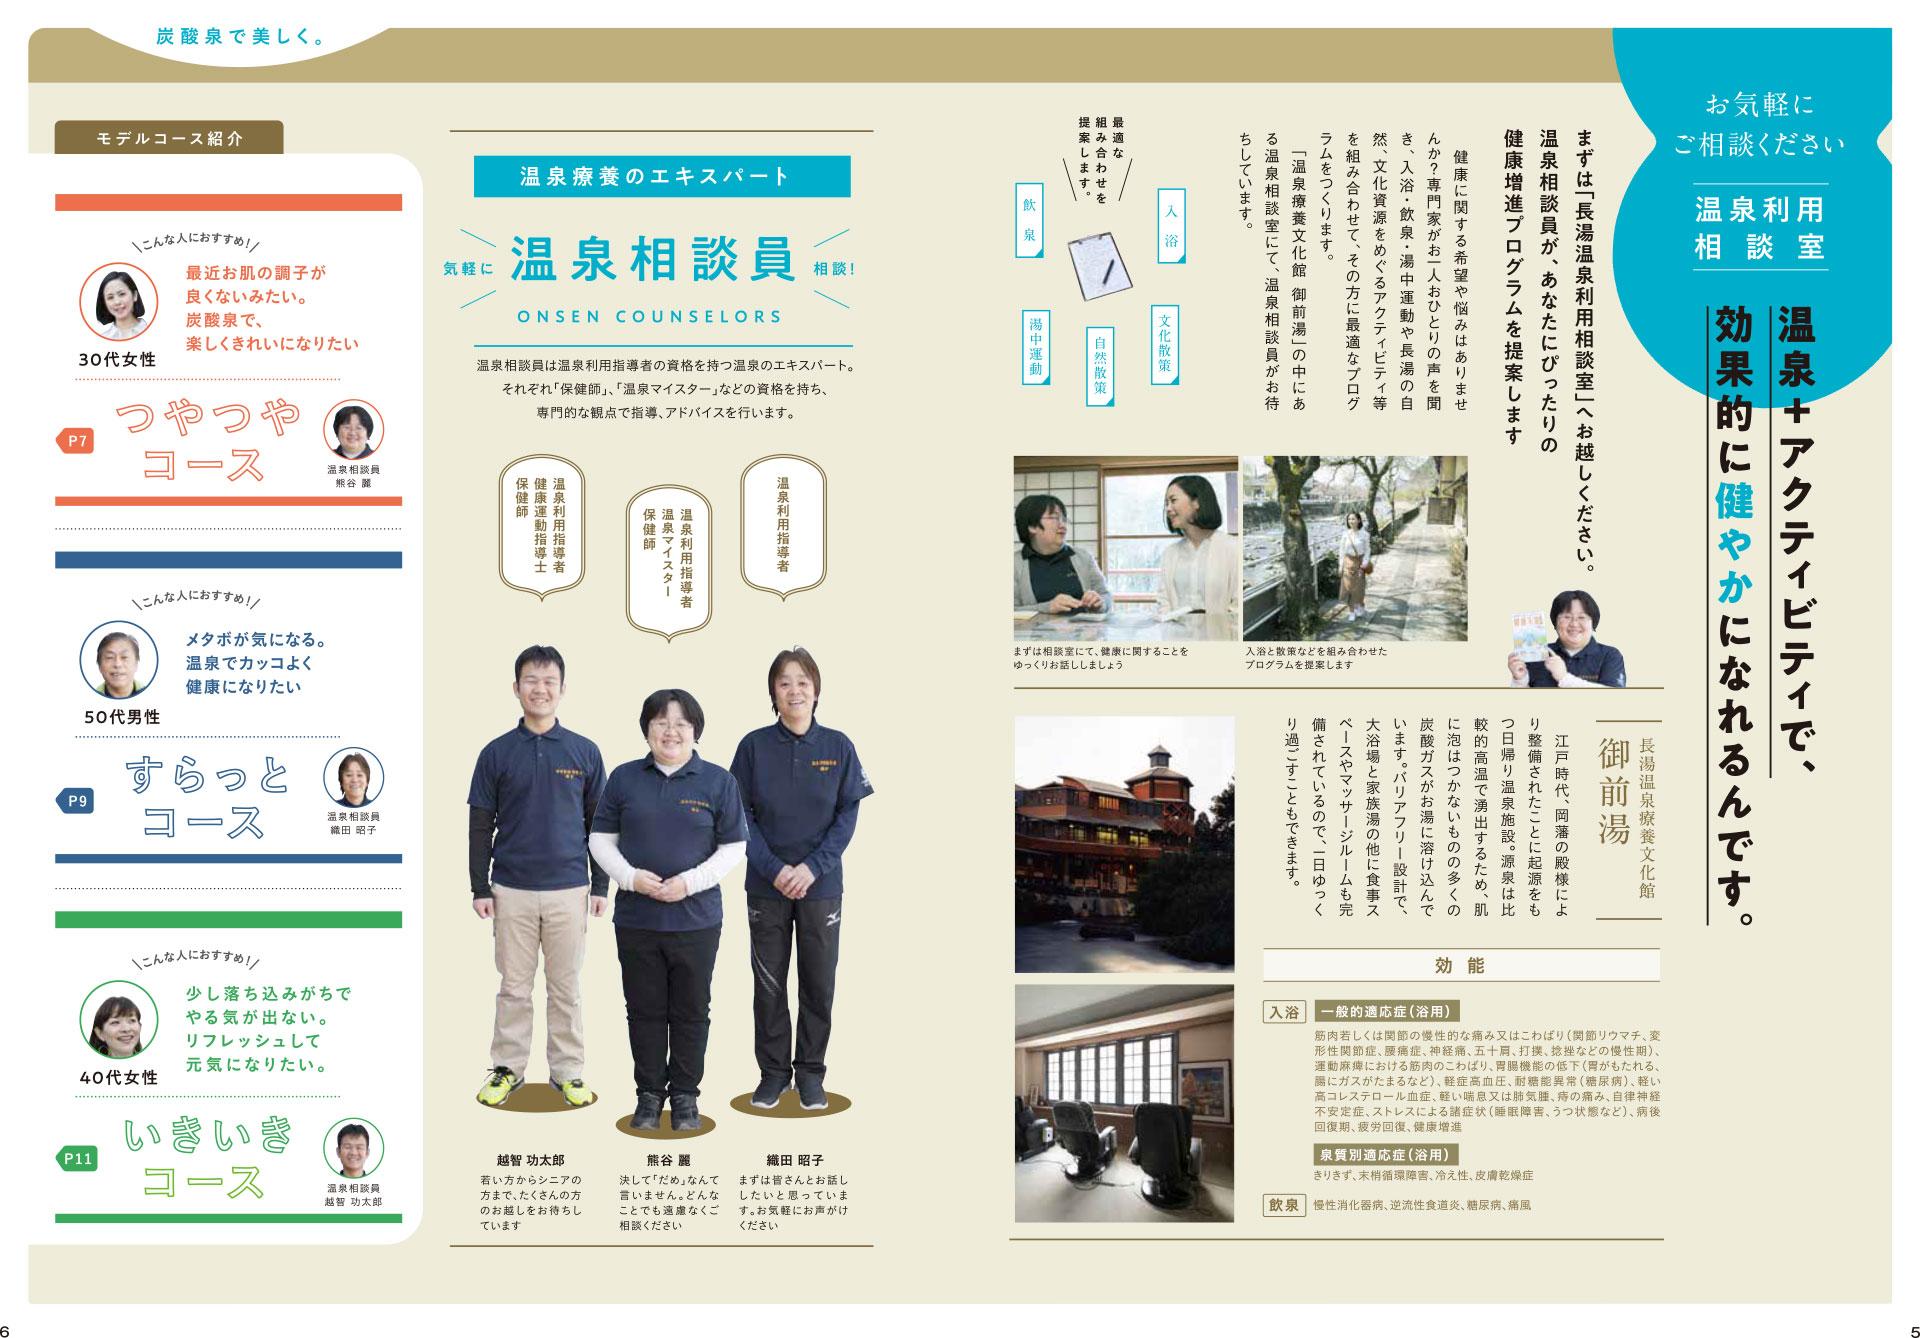 長湯温泉炭酸泉健康増進プログラム 詳細 パンフレット4